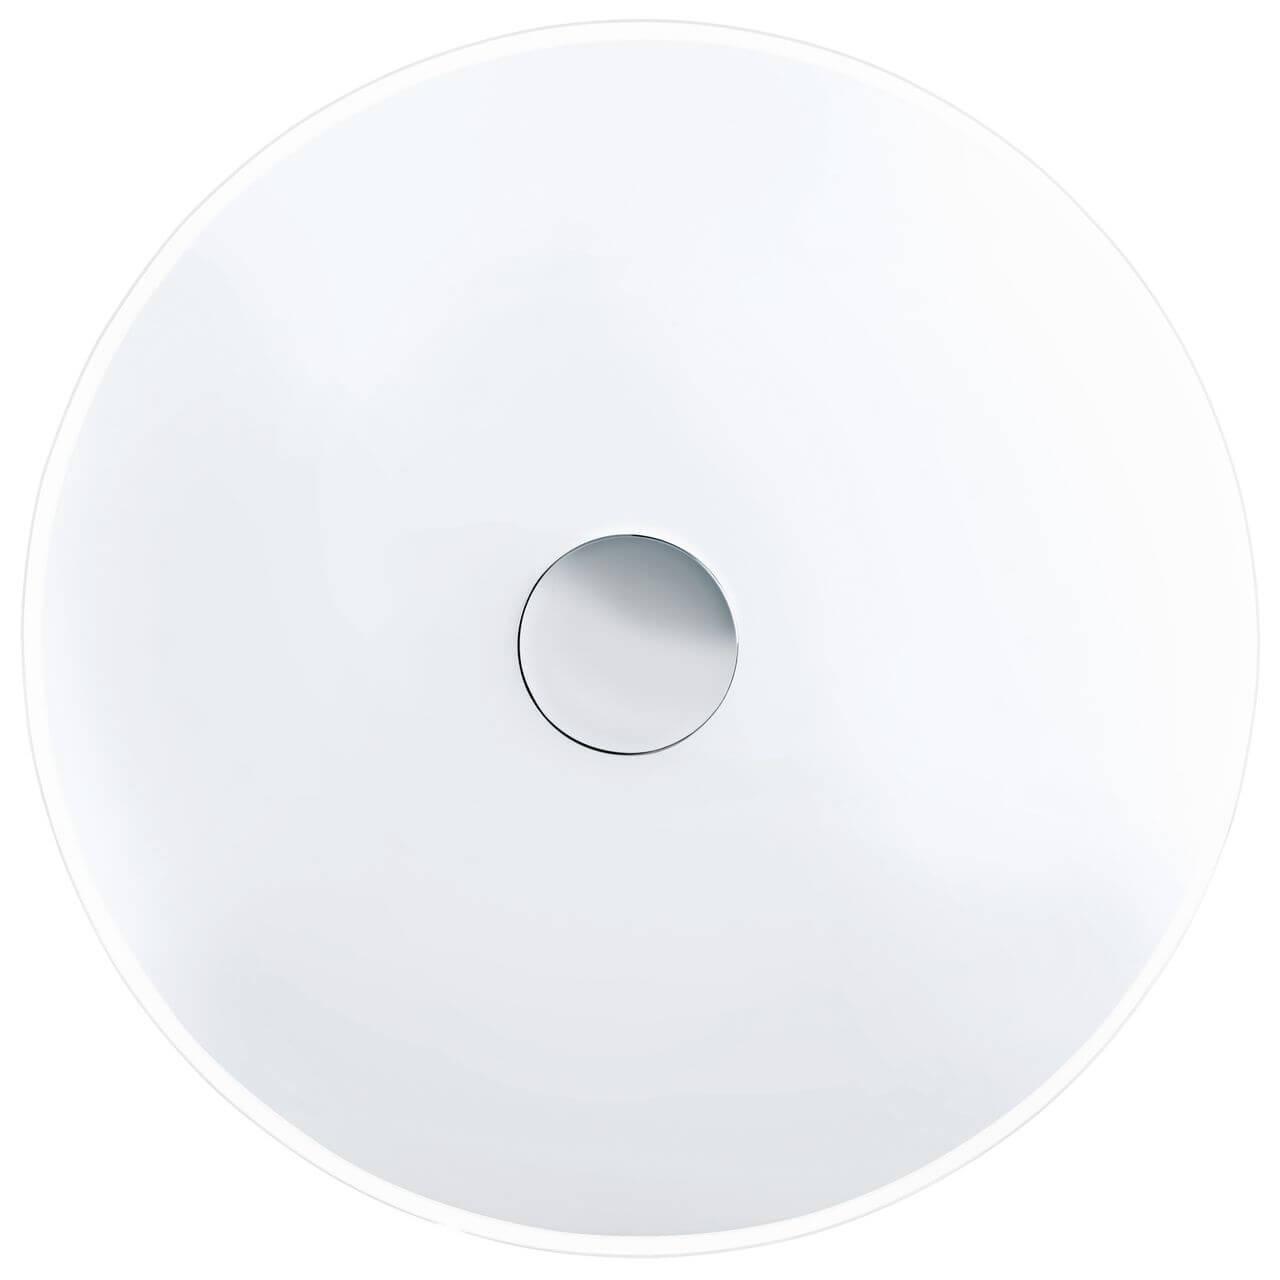 Настенно-потолочный светильник Eglo 91248, E27, 60 Вт цена